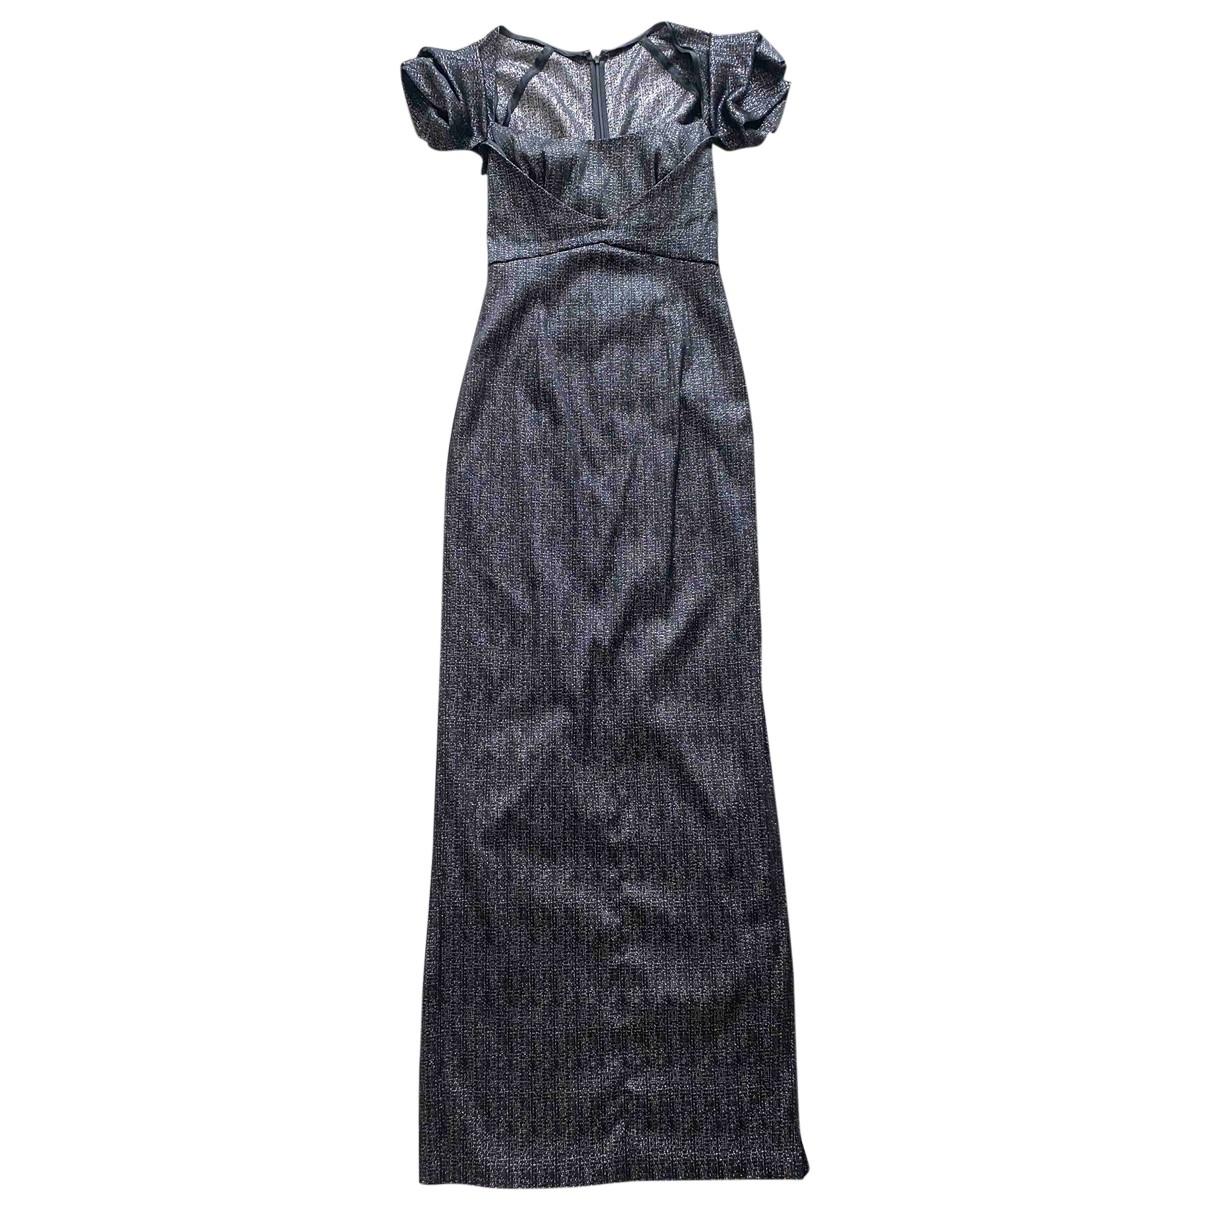 Talbot Runhof \N Kleid in  Schwarz Polyester